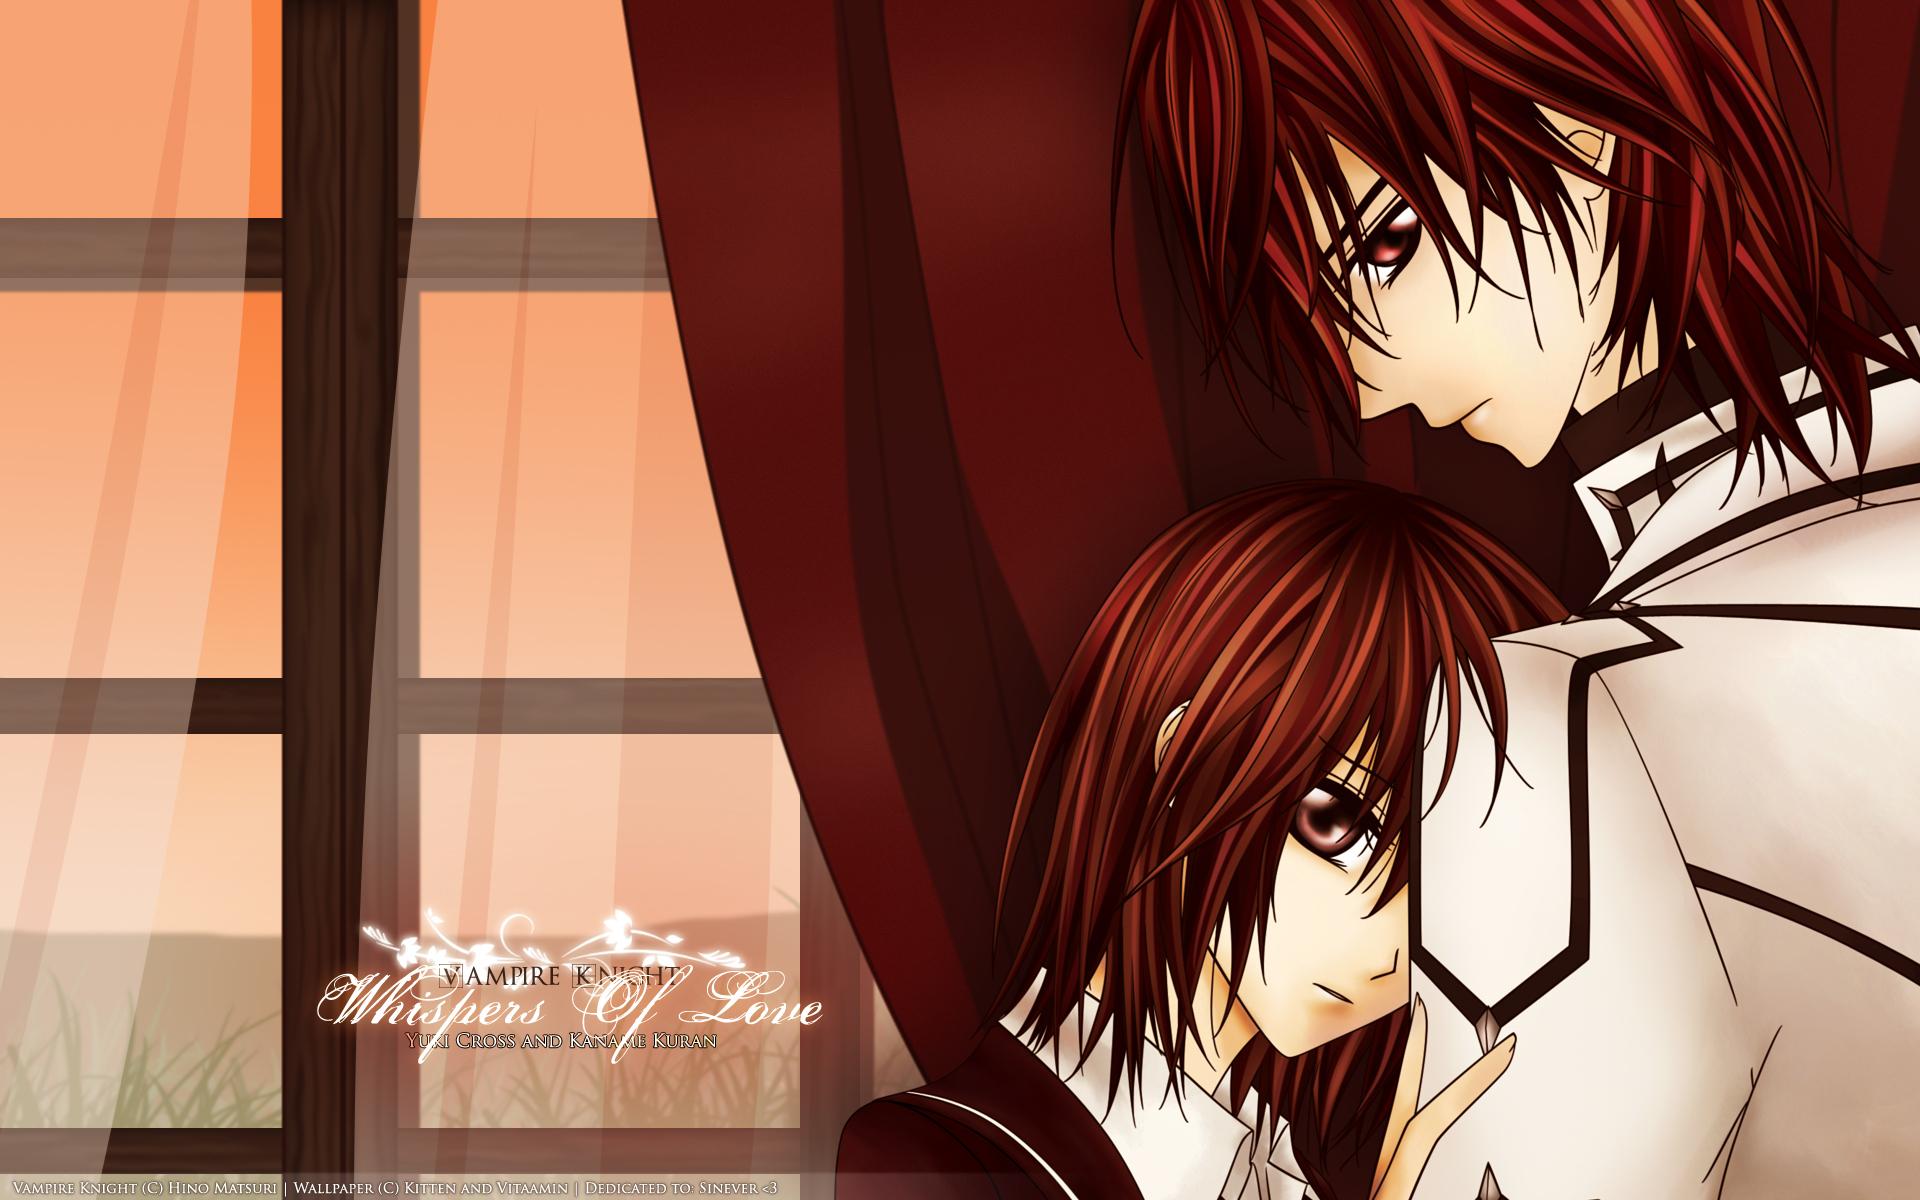 vampire knight yuki and kaname relationship